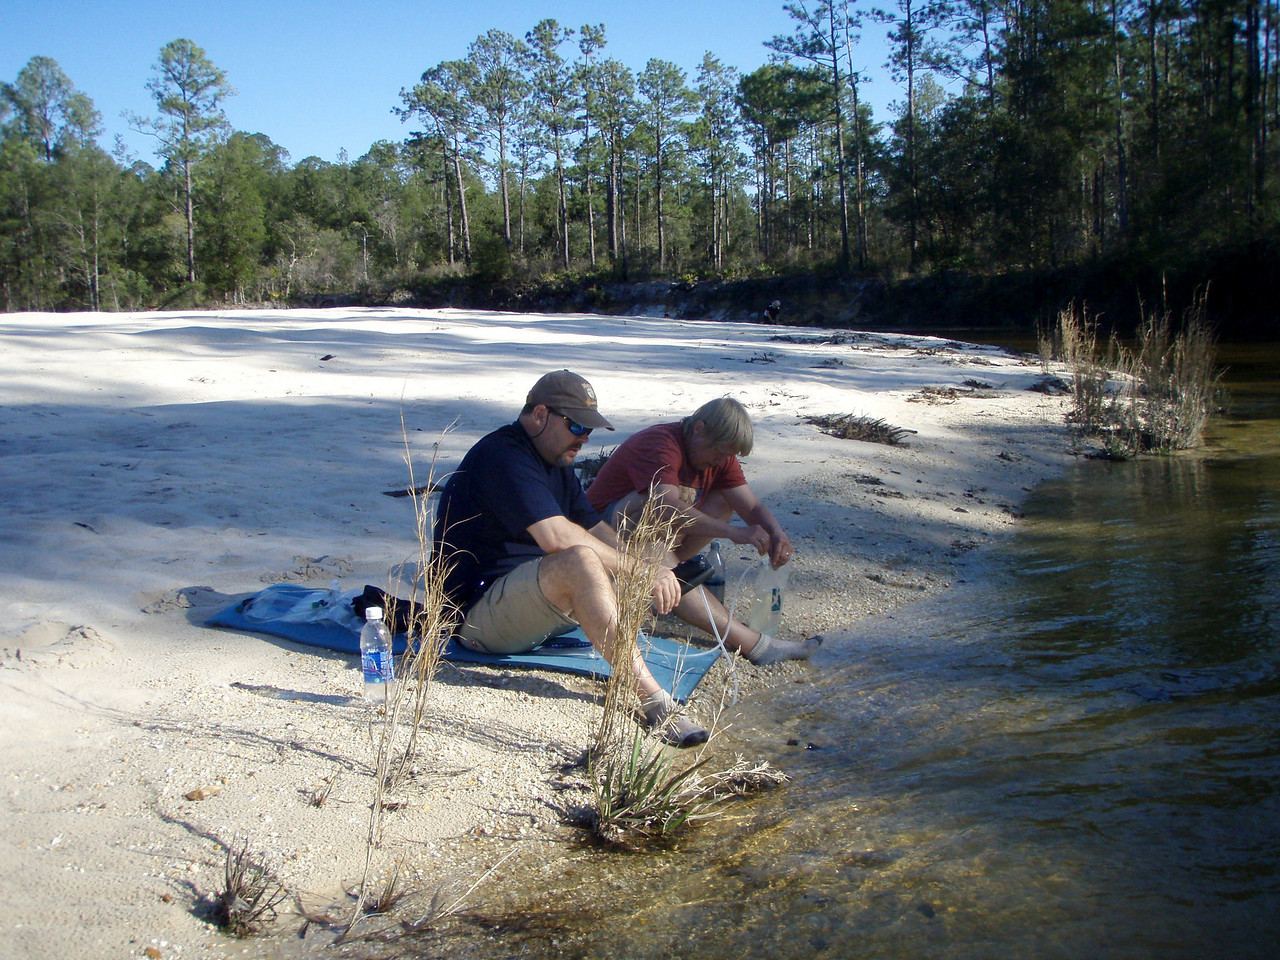 Camp chores at Football Field sandbar on Juniper Creek.